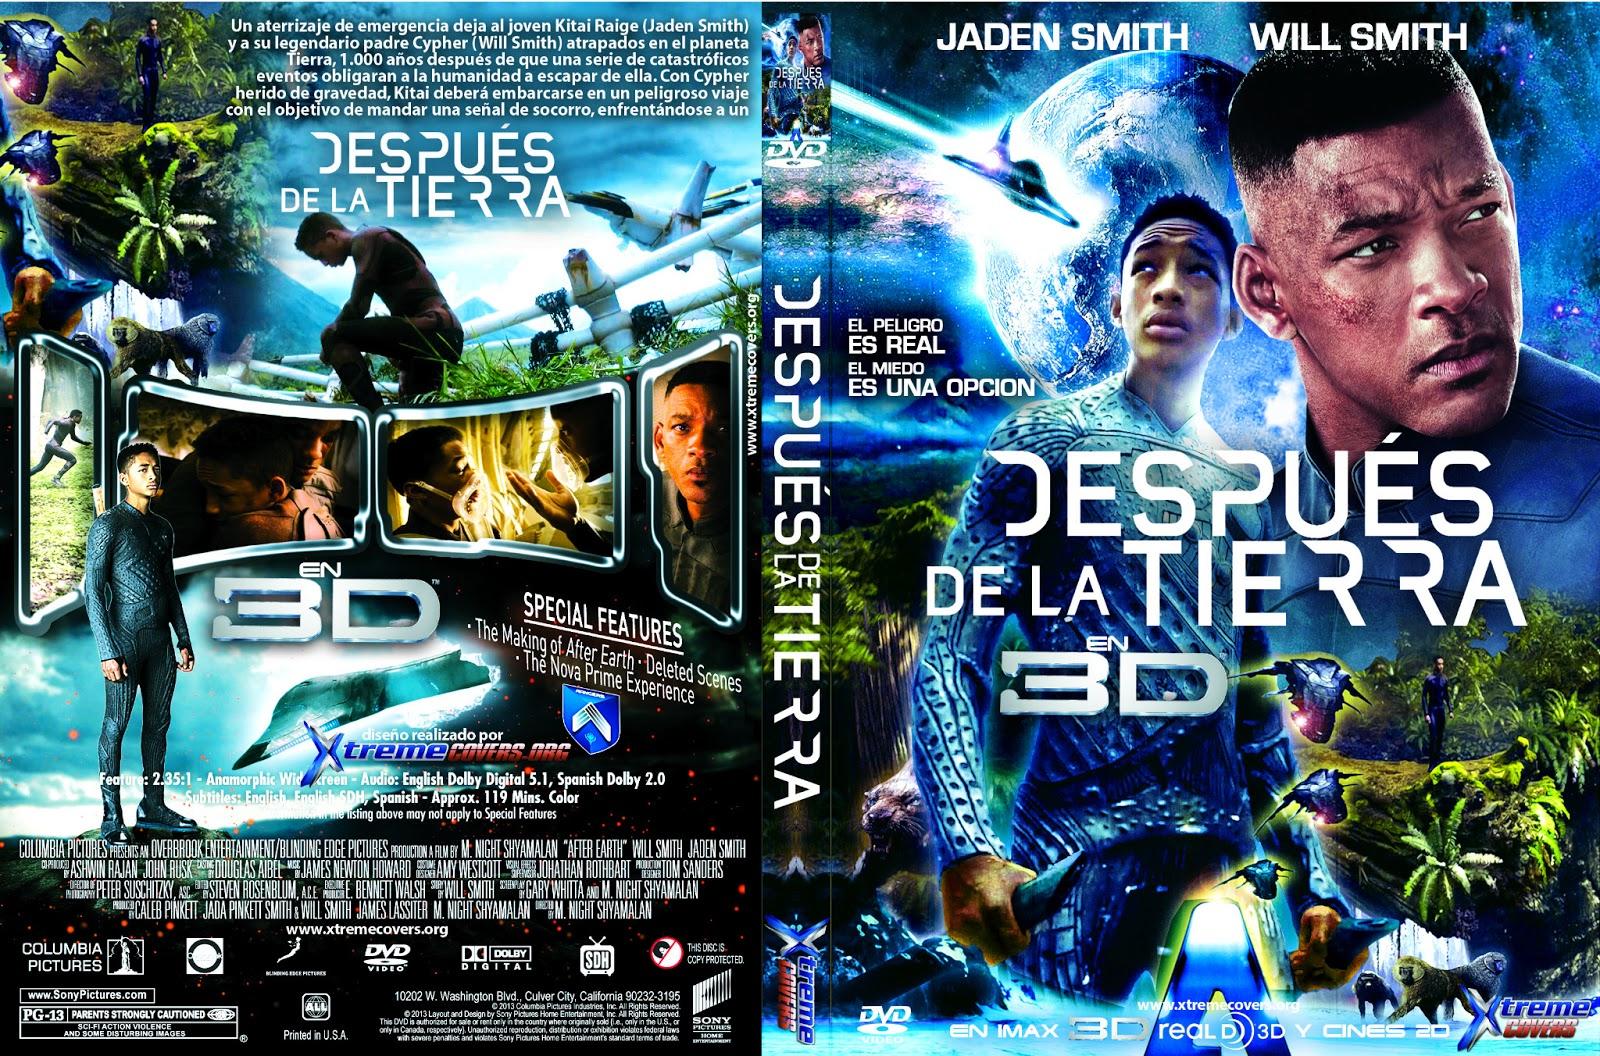 Despues de la Tierra (After Earth) (2013) Online